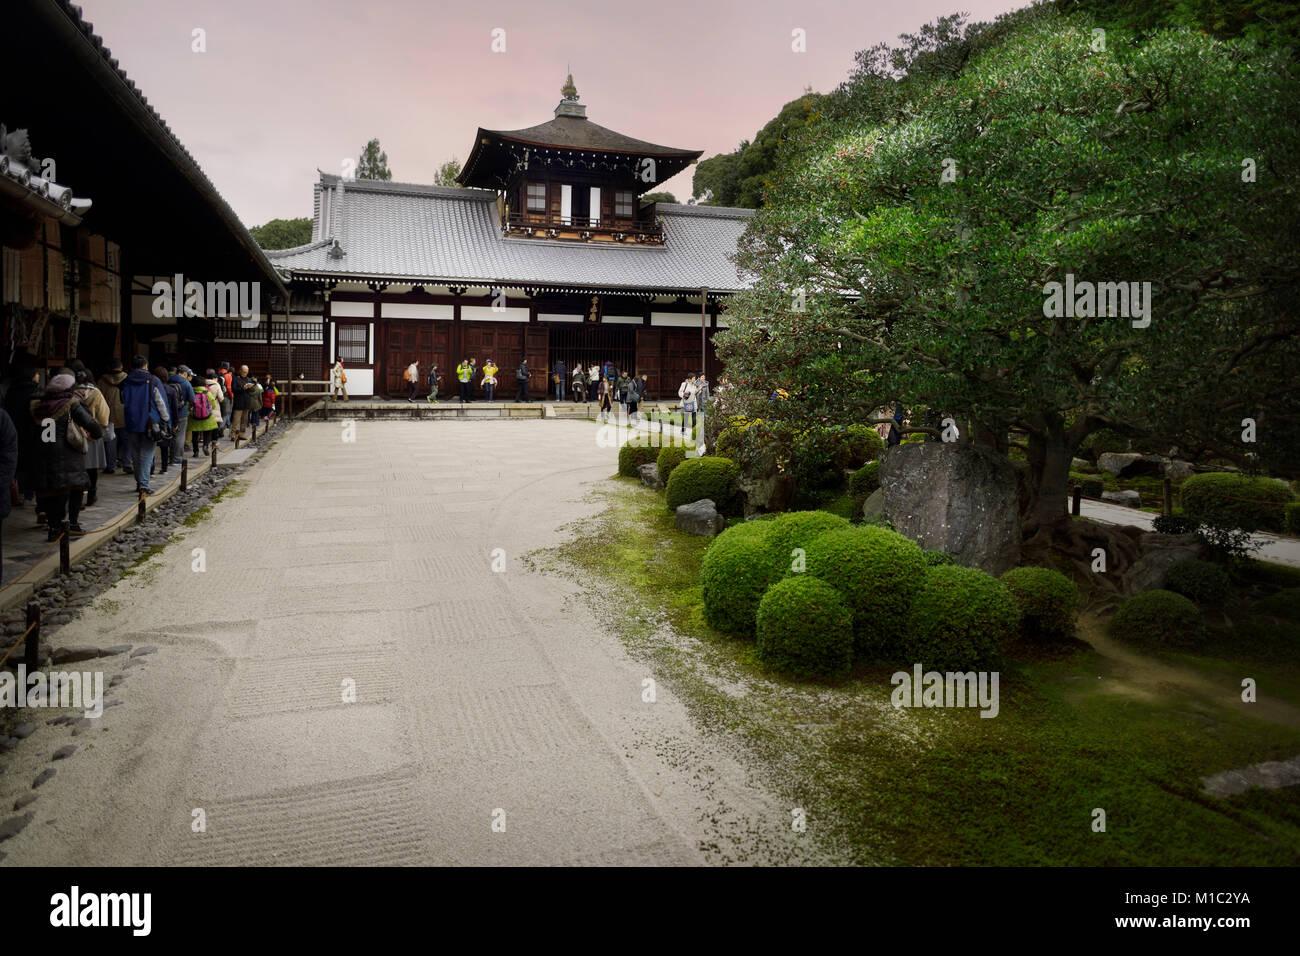 tofukuji buddhistischen tempel kaizando halle mit einem geometrischen wei en kies zen garten. Black Bedroom Furniture Sets. Home Design Ideas